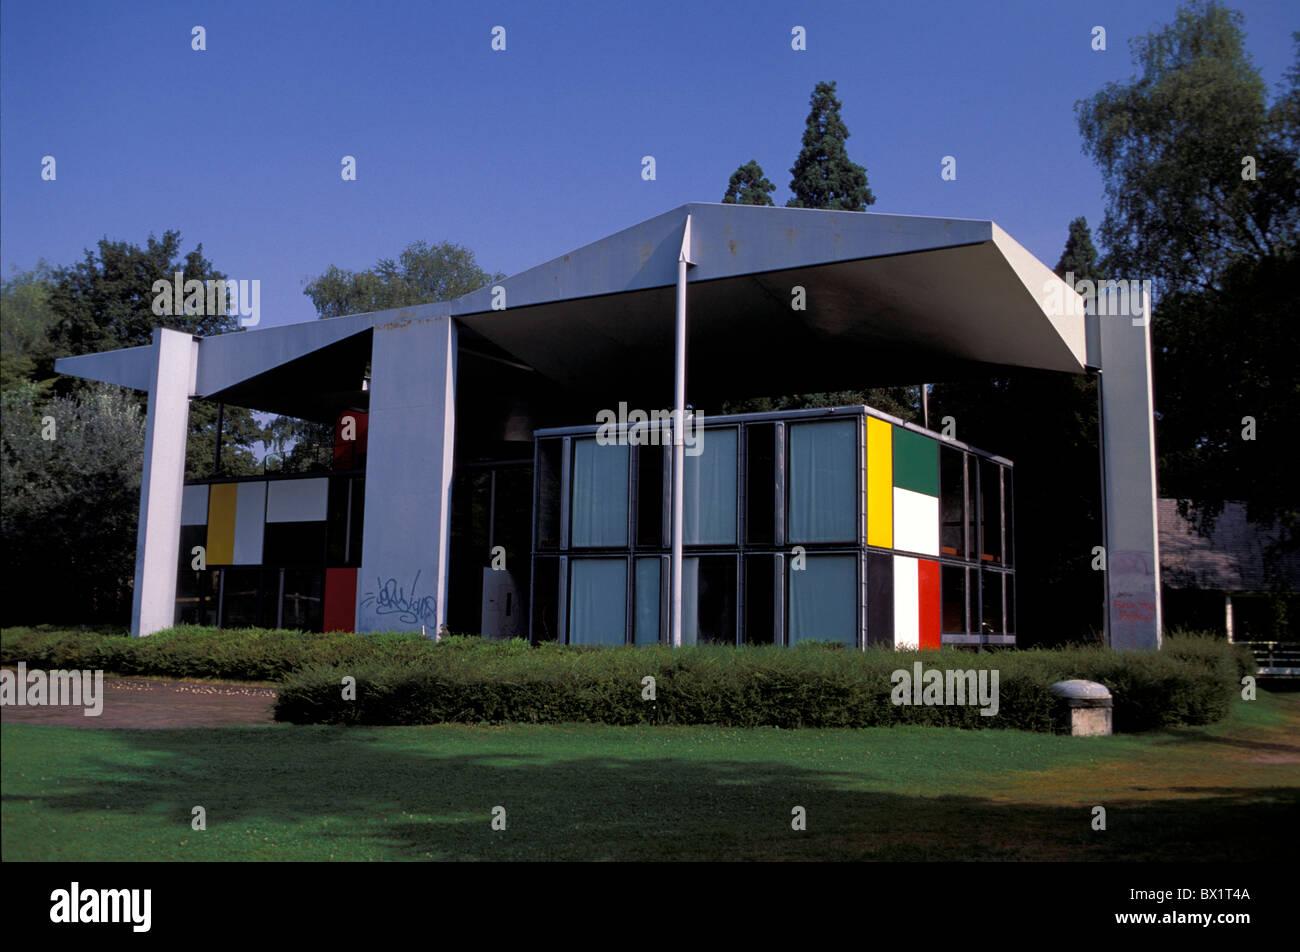 Art city culture heidi weber house le corbusier modern architecture zurich private museum skill switzerland